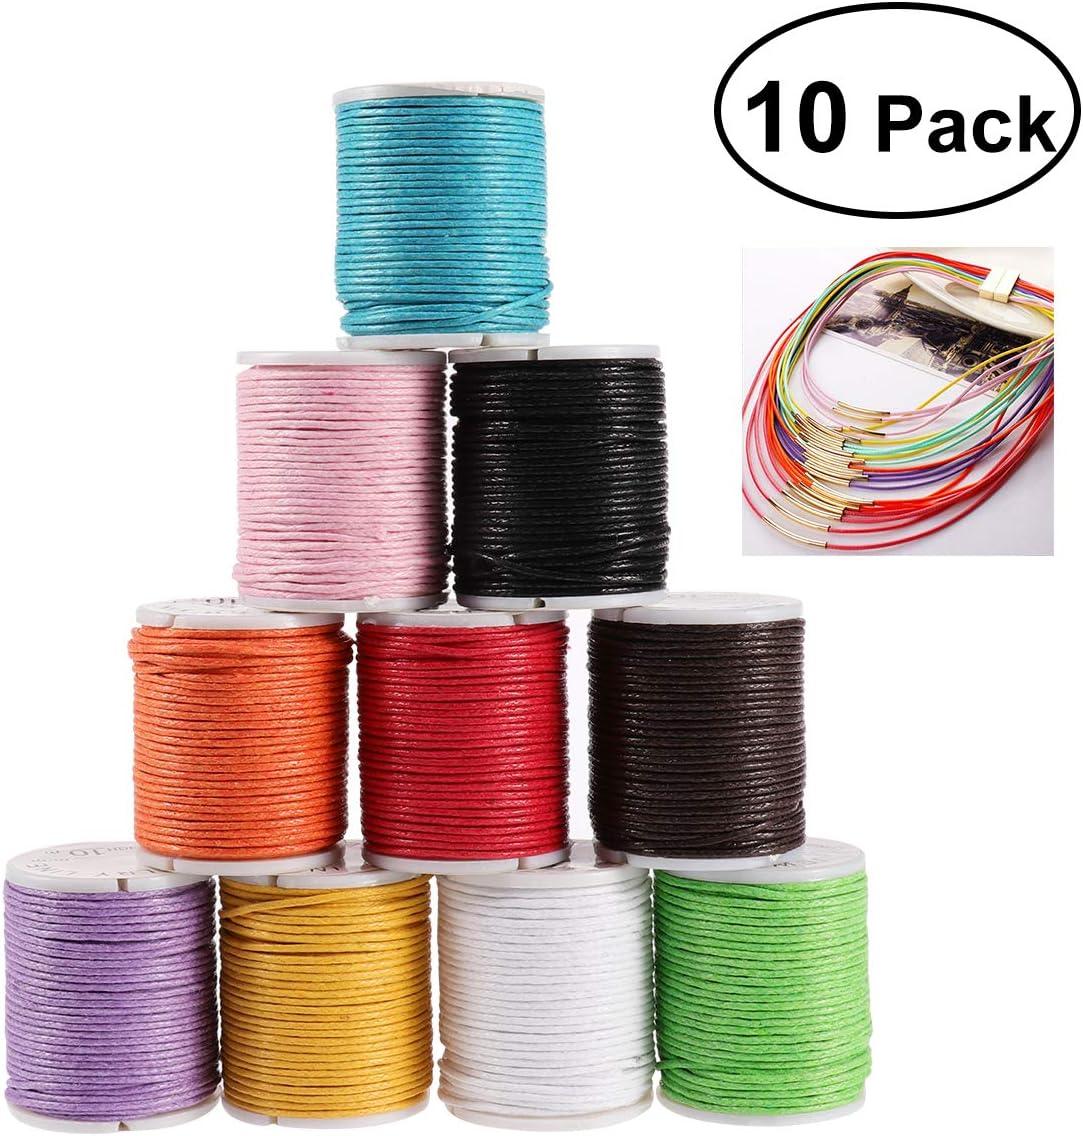 Rosenice - 1o ovillos de cuerda de algodón encerado para manualidades, collares y pulseras, 10 m, 1 mm: Amazon.es: Juguetes y juegos